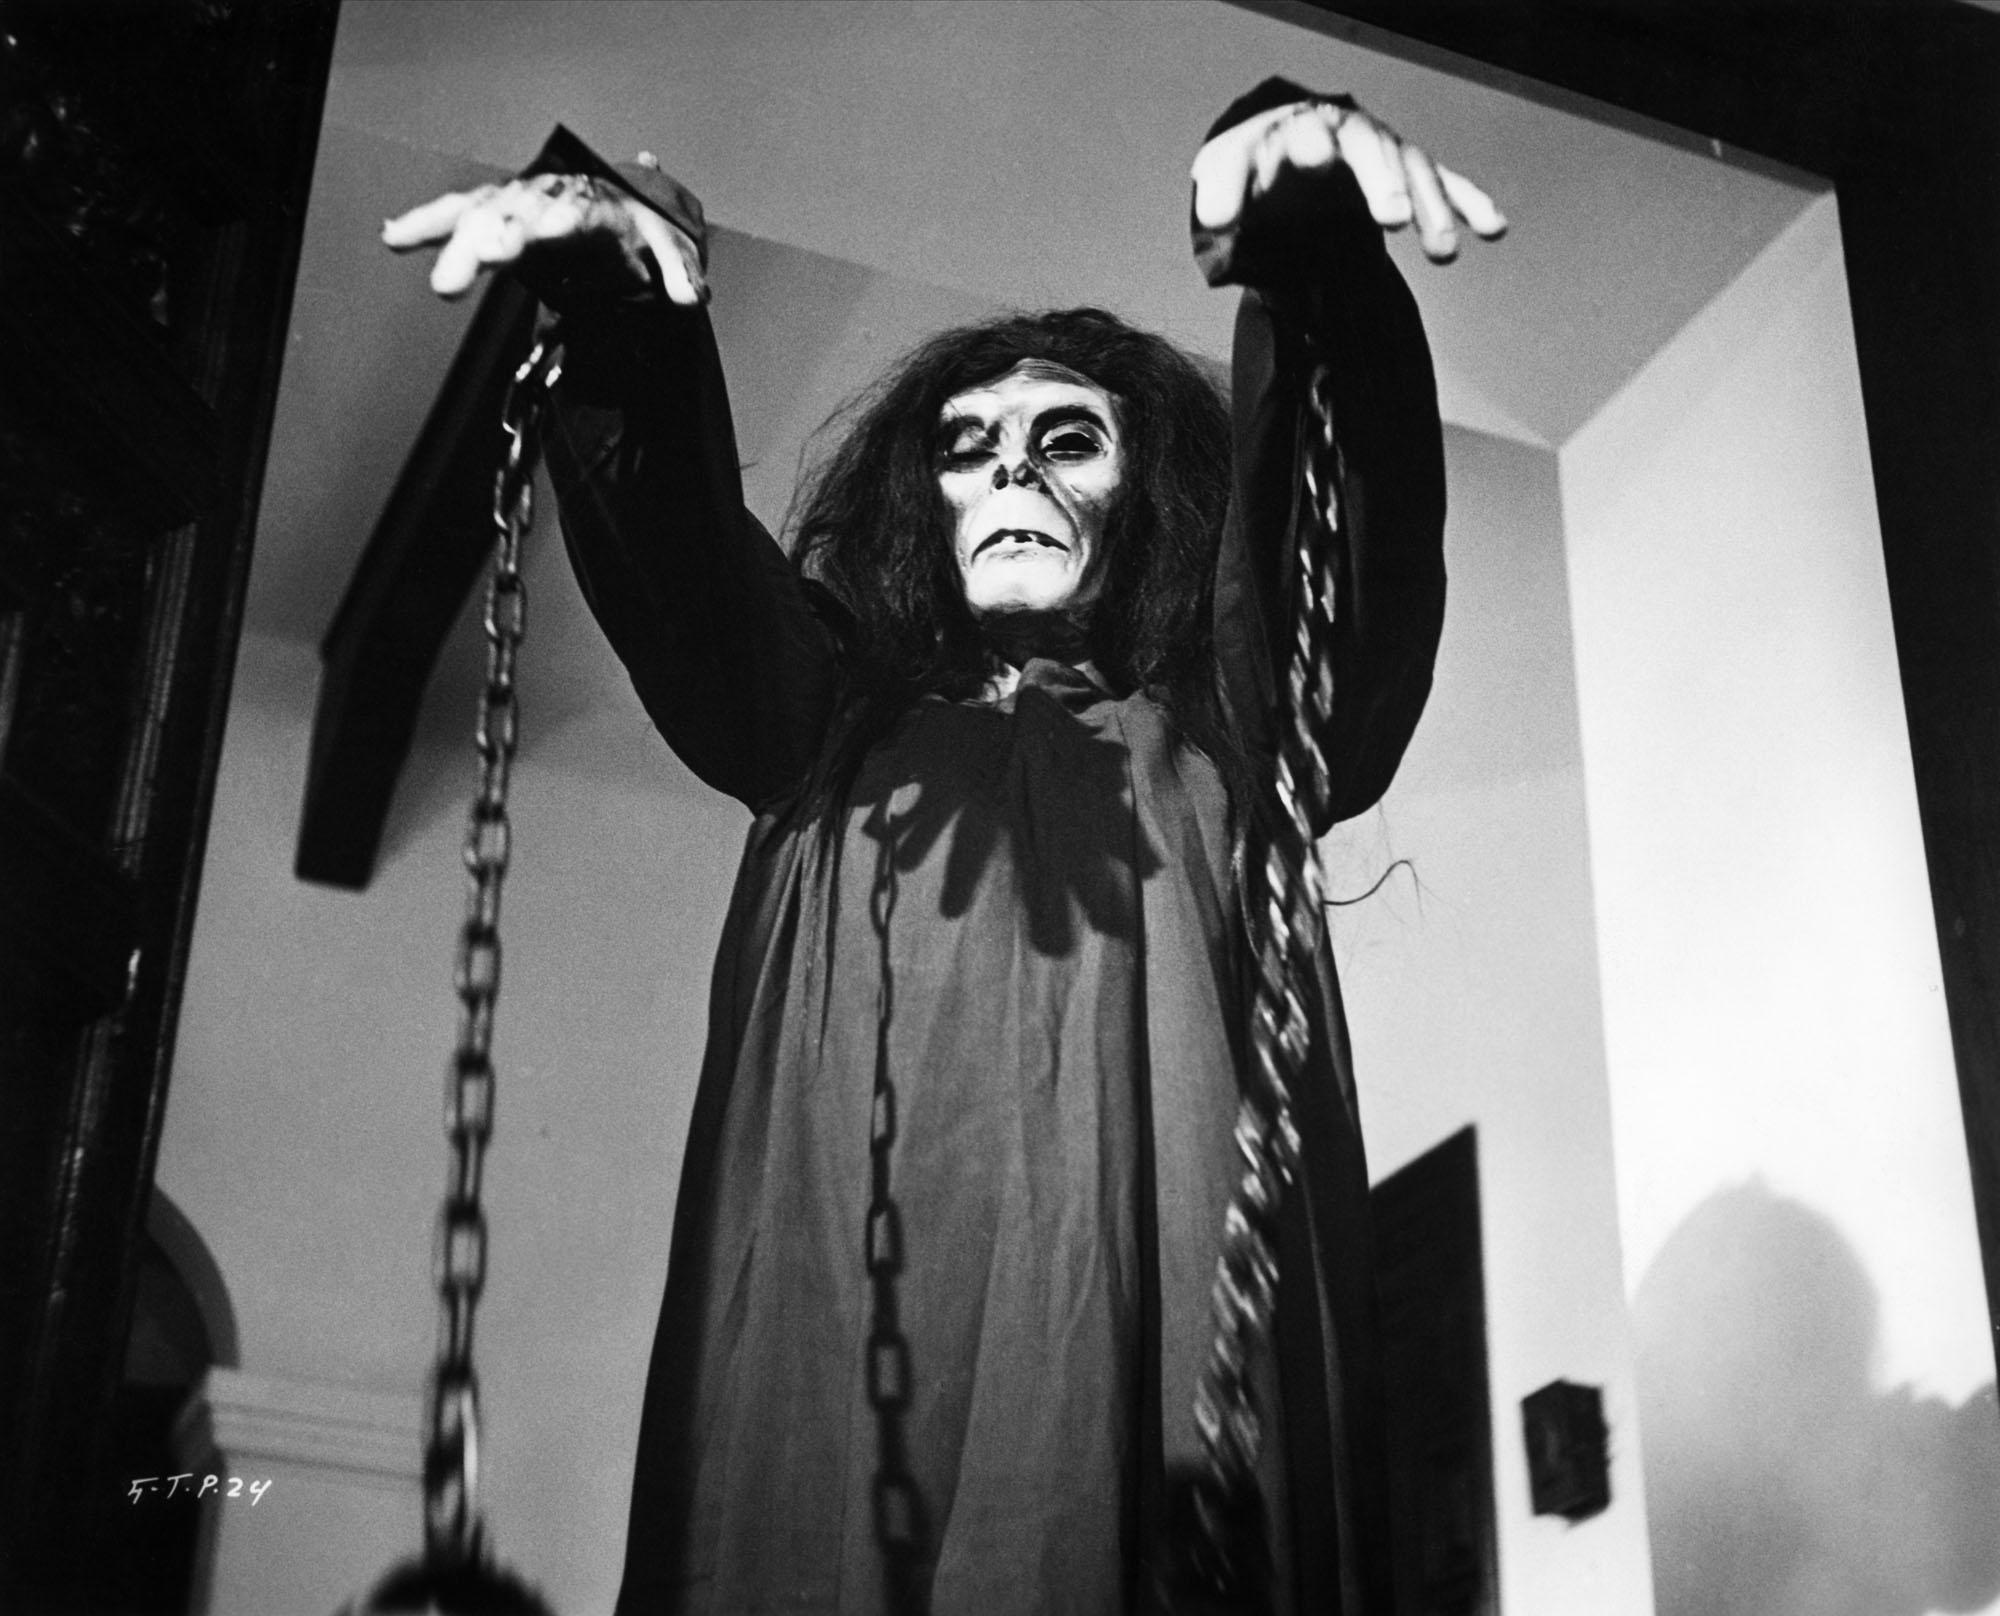 Apariciones! México y su cine de horror (casi) gótico